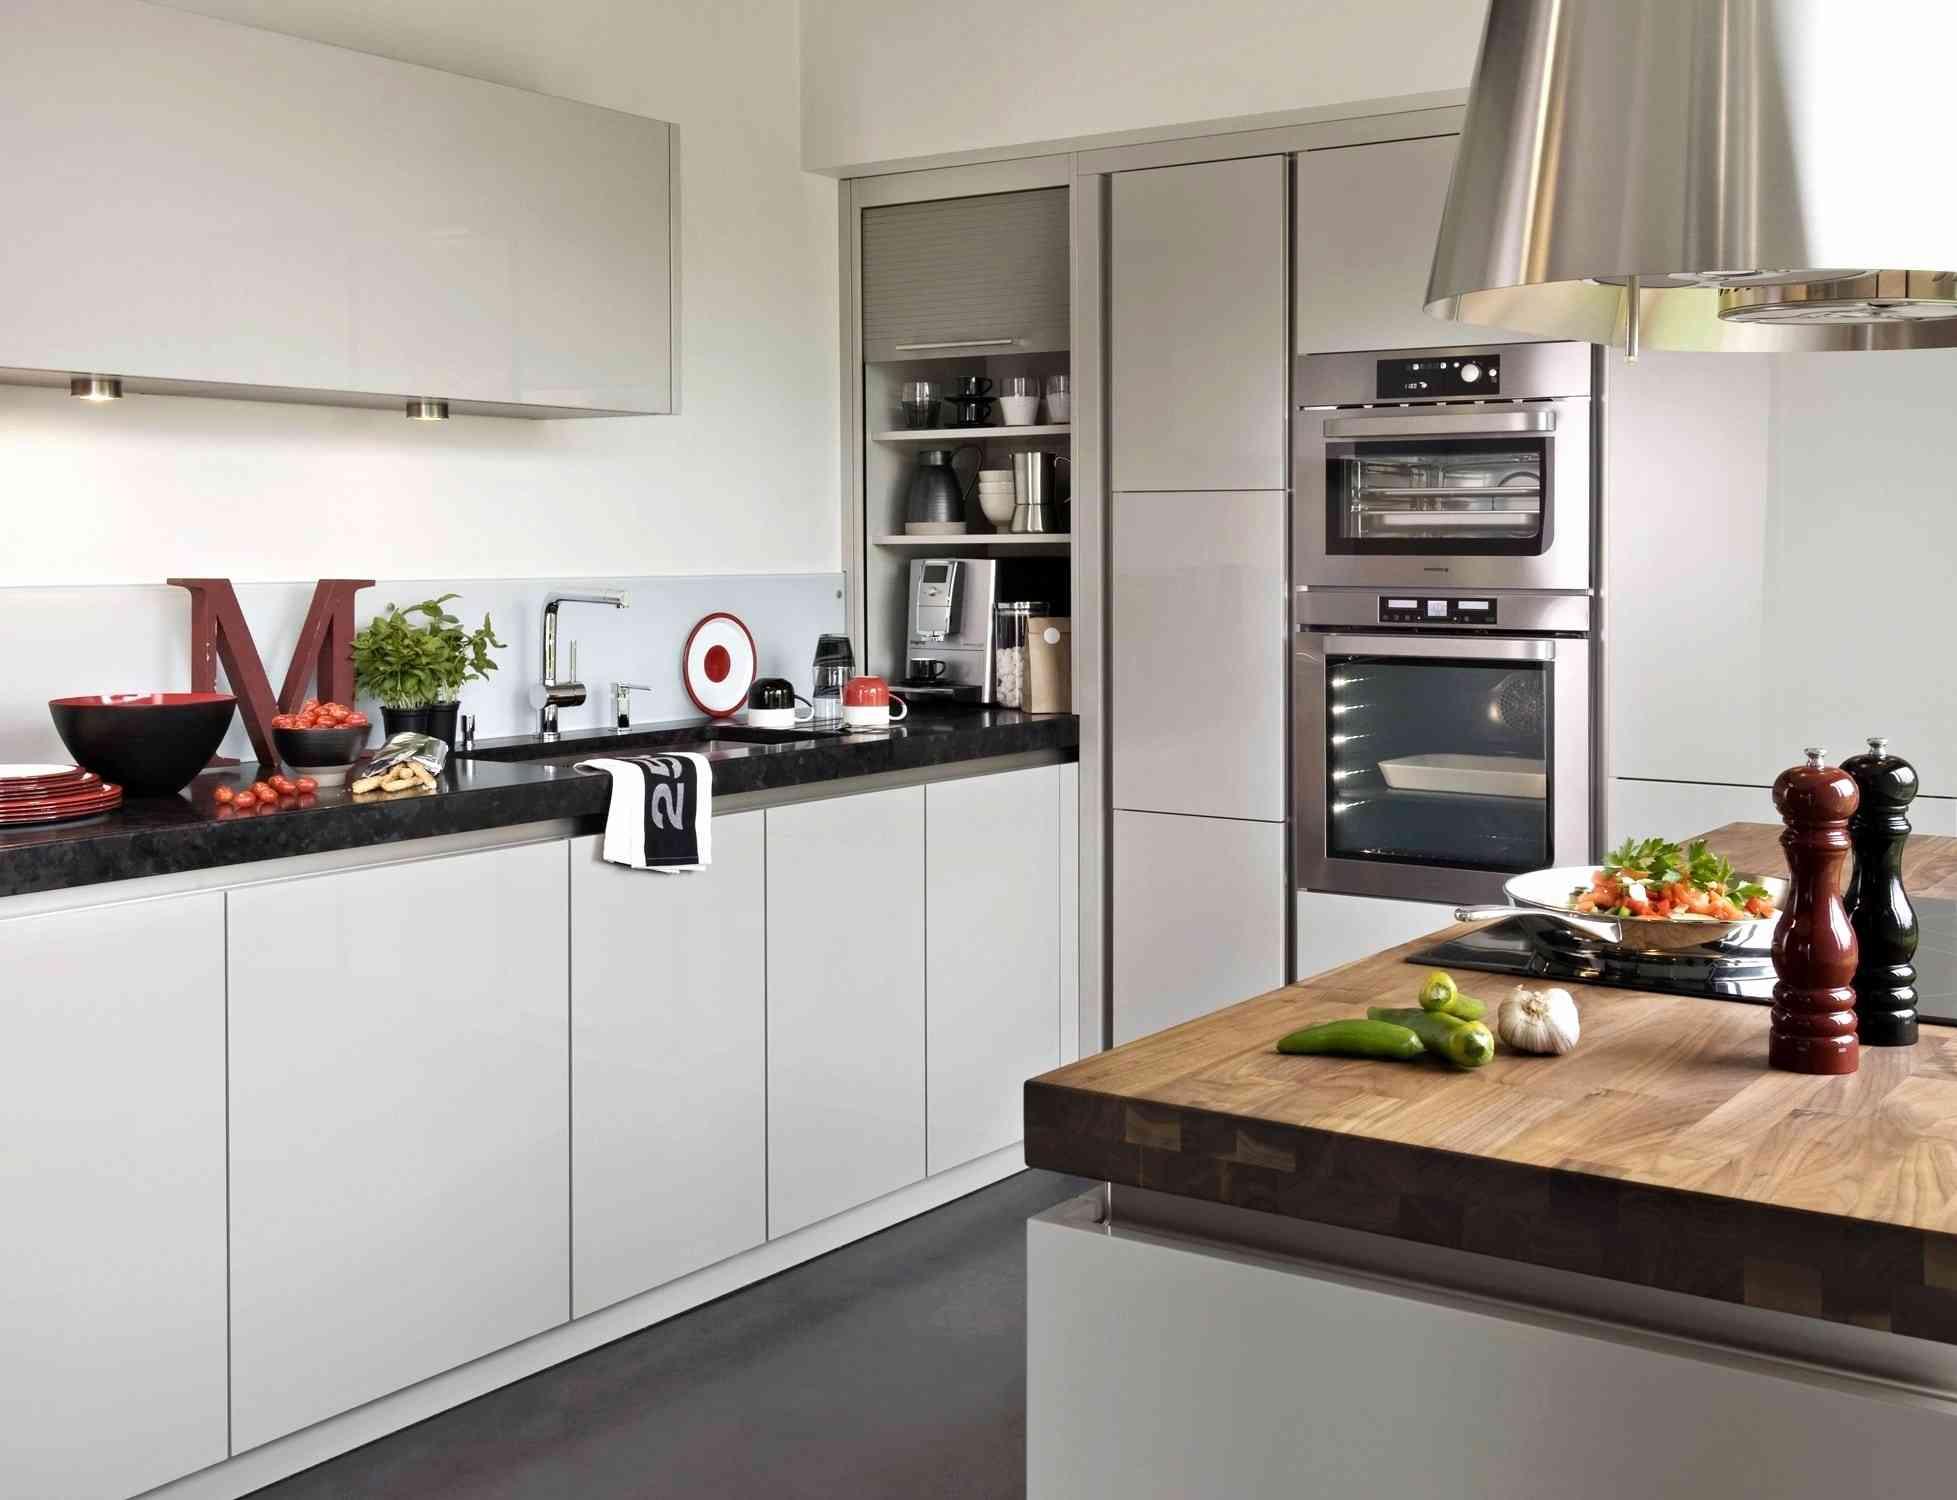 Castorama Plan De Travail Cuisine Luxe Image 50 La Collection Cuisine Castorama 3d